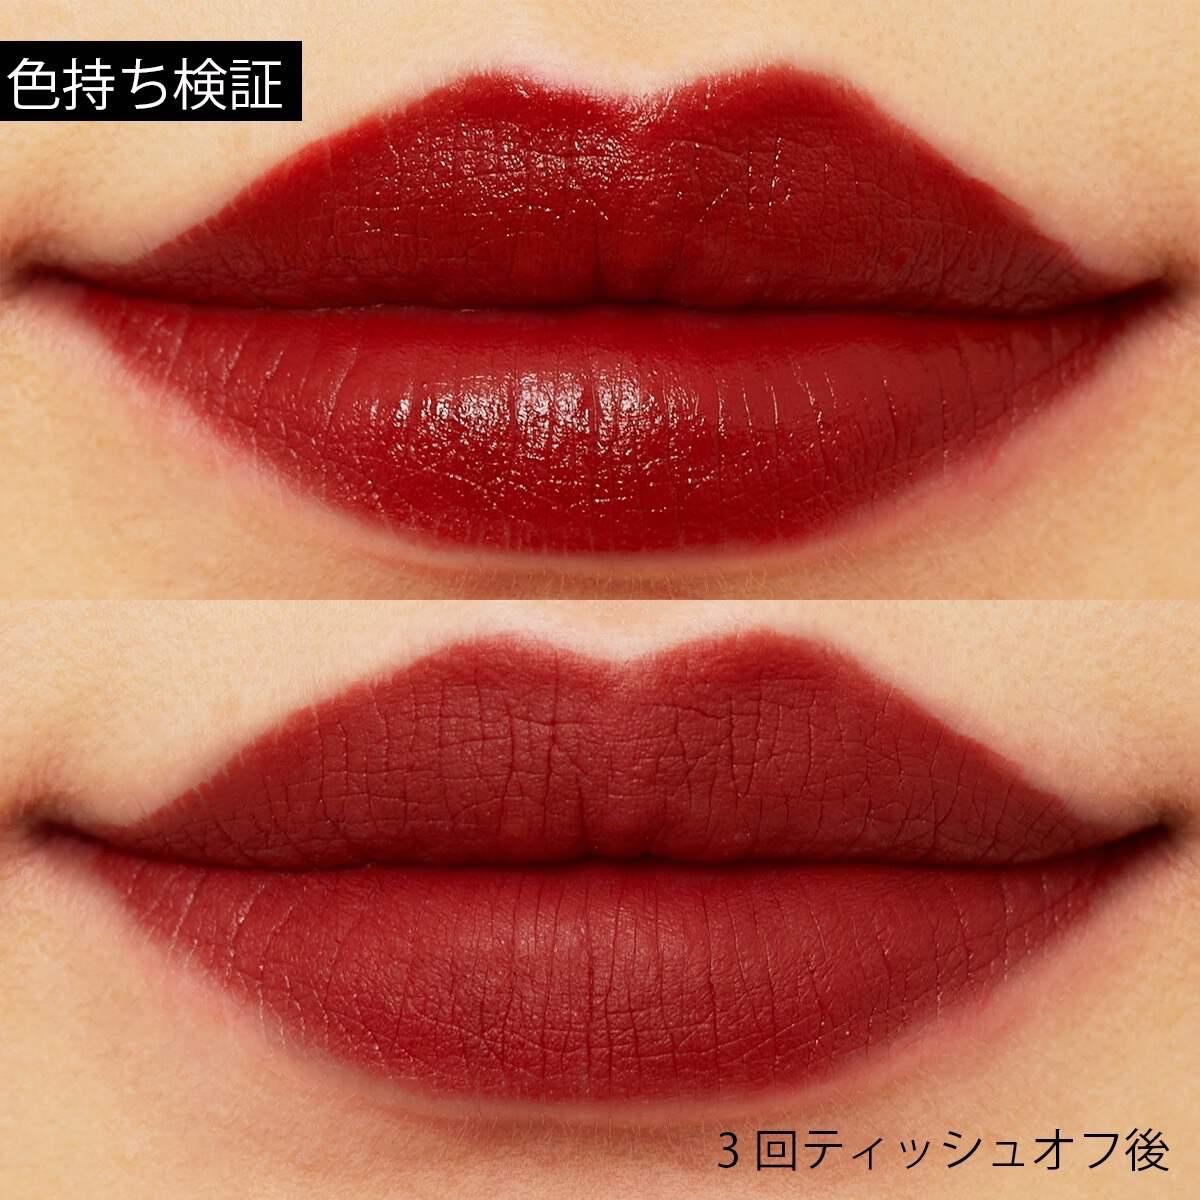 Bbia(ピアー)『ラストリップスティック2 09 蠱惑の赤』の使用感をレポ!に関する画像11